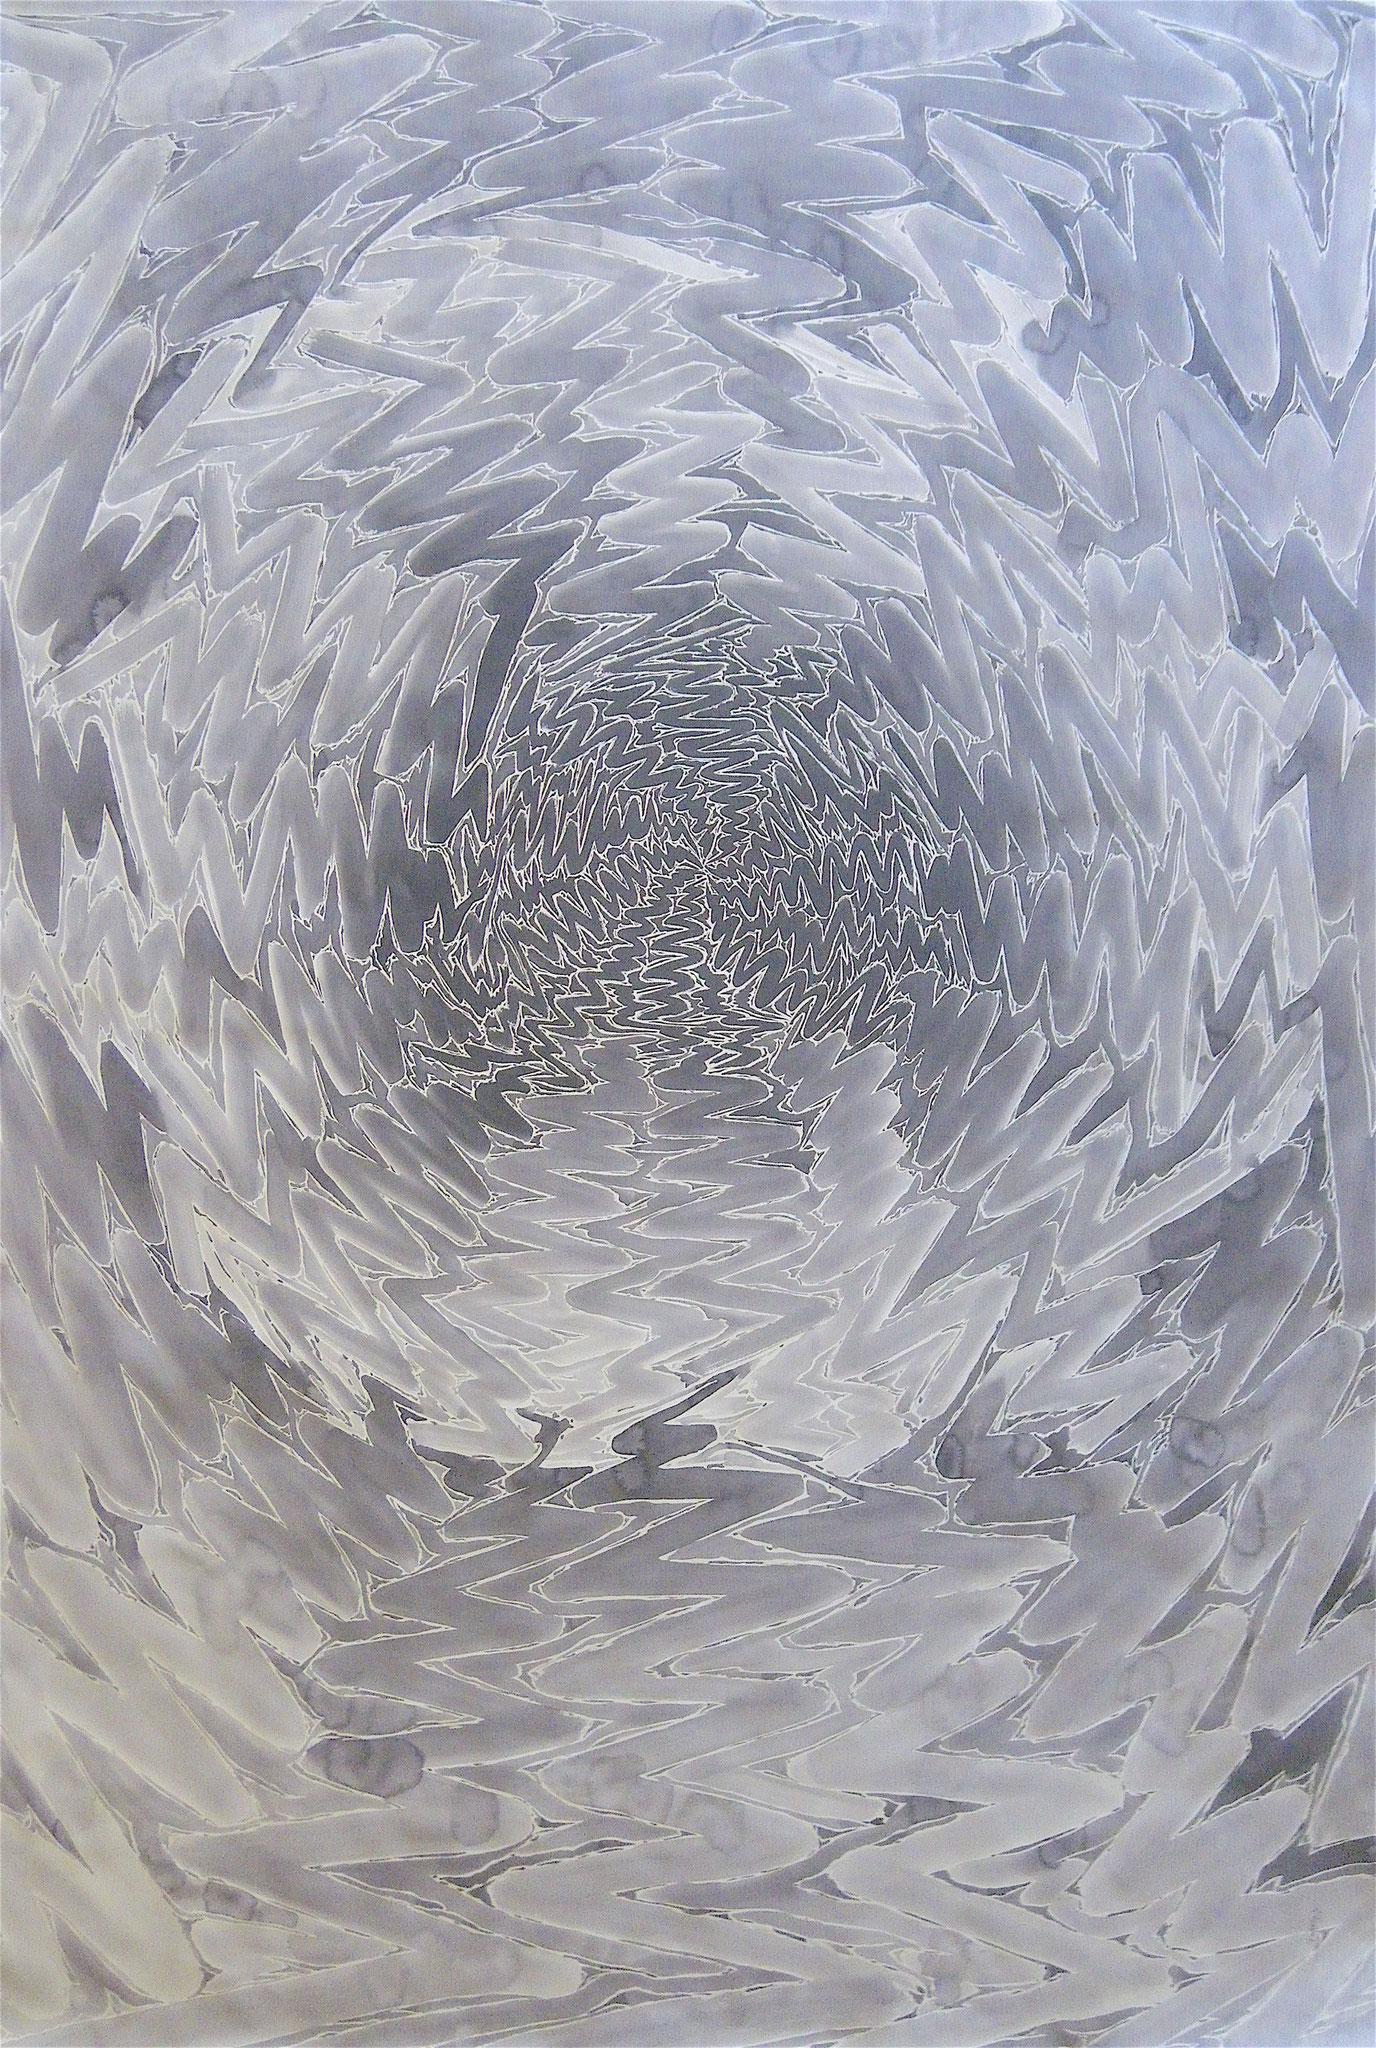 Suchness, 2018, 199 x 127.5cm